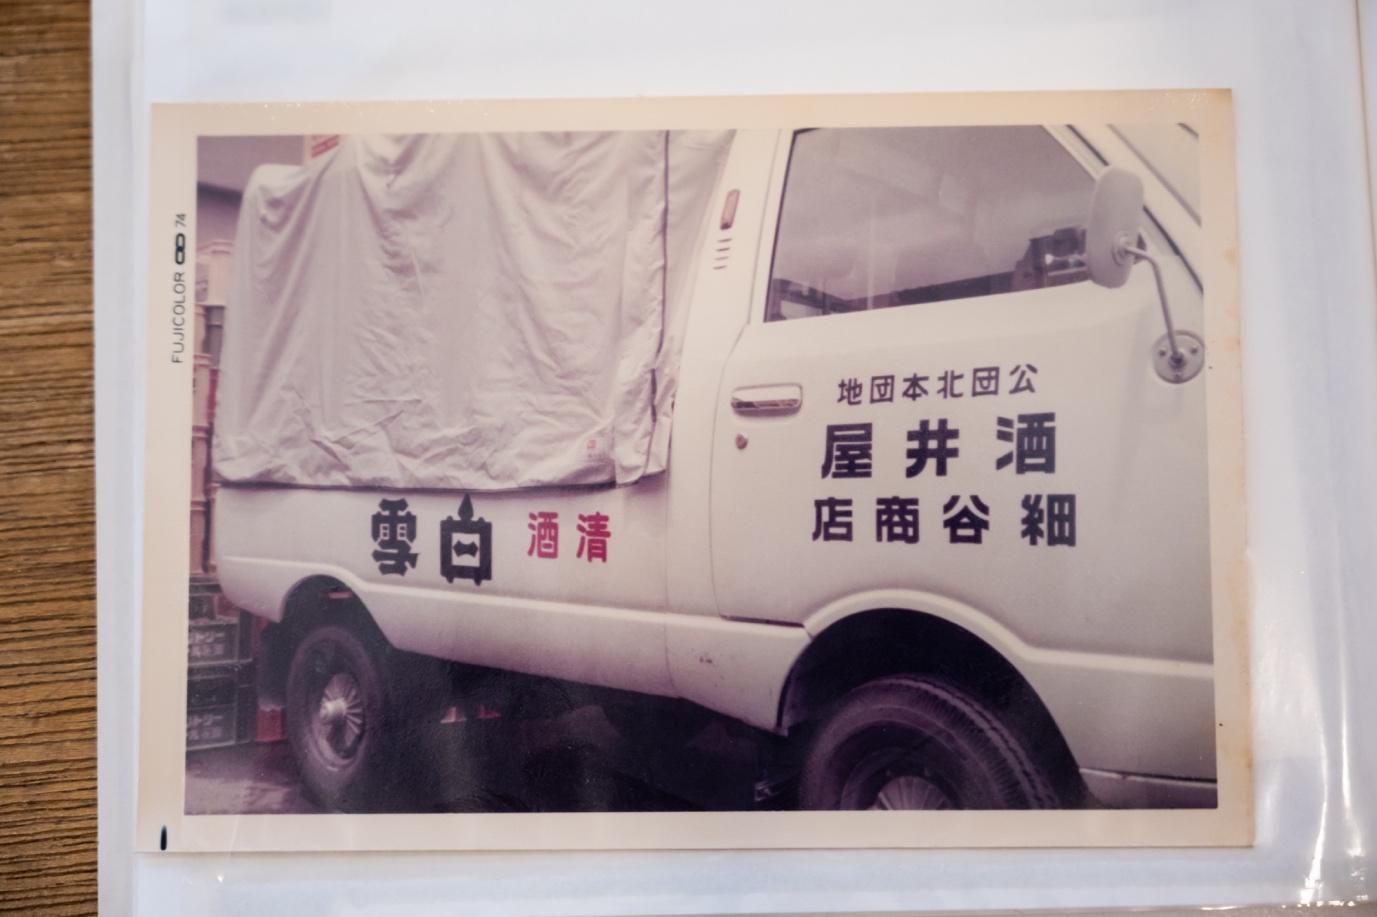 トラックの後部  中程度の精度で自動的に生成された説明